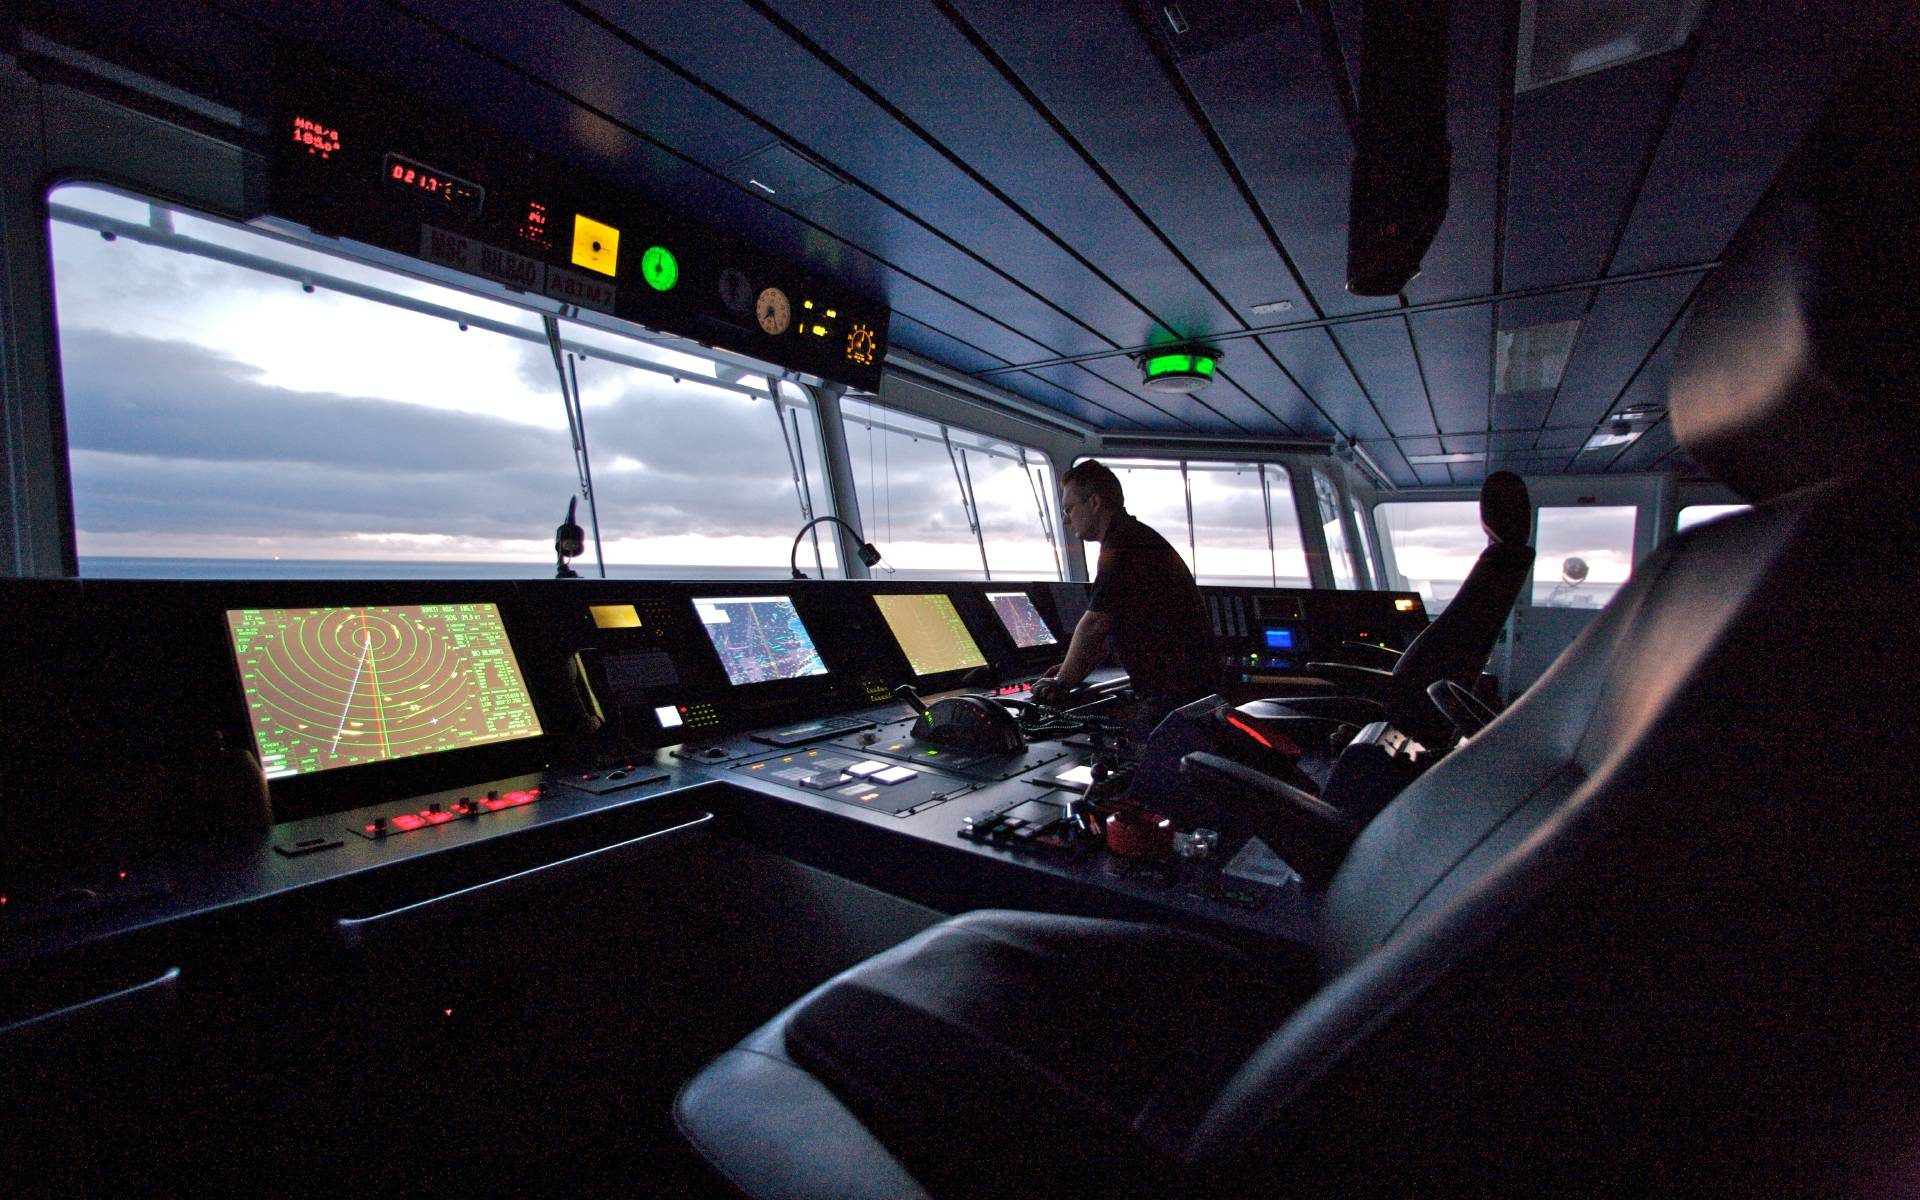 Das Cockpit eines Ozeanriesen